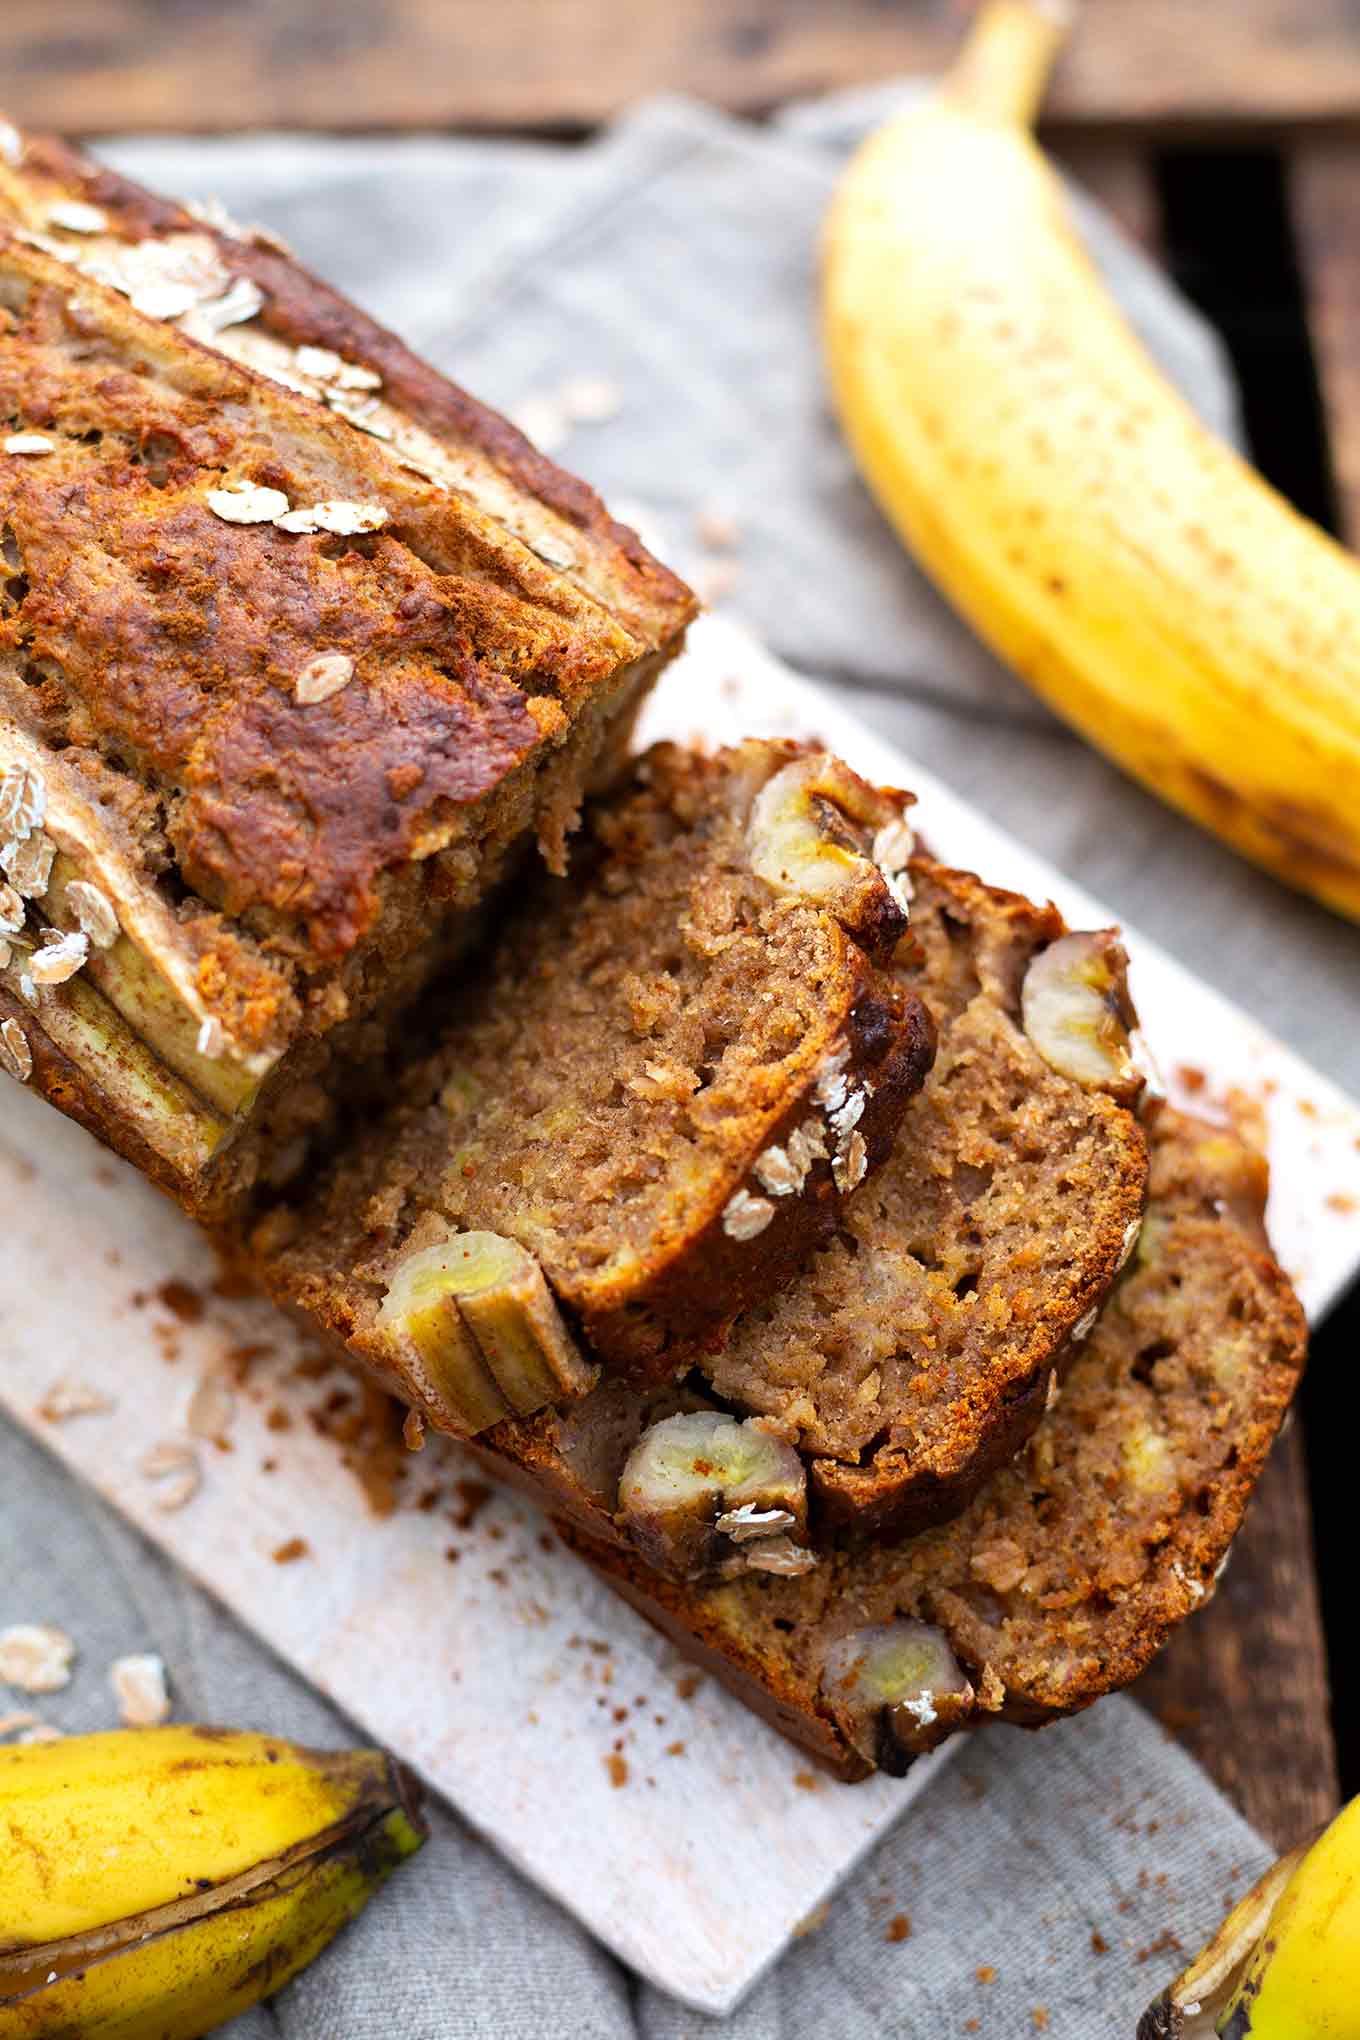 Werbung. Einfaches, super saftiges Bananenbrot ohne Zucker. Dieses schnelle 1-Schüssel Rezept ist super lecker und perfekt für Überraschungsbesuch! - Kochkarussell.com #bananenbrot #ohnezucker #rezept